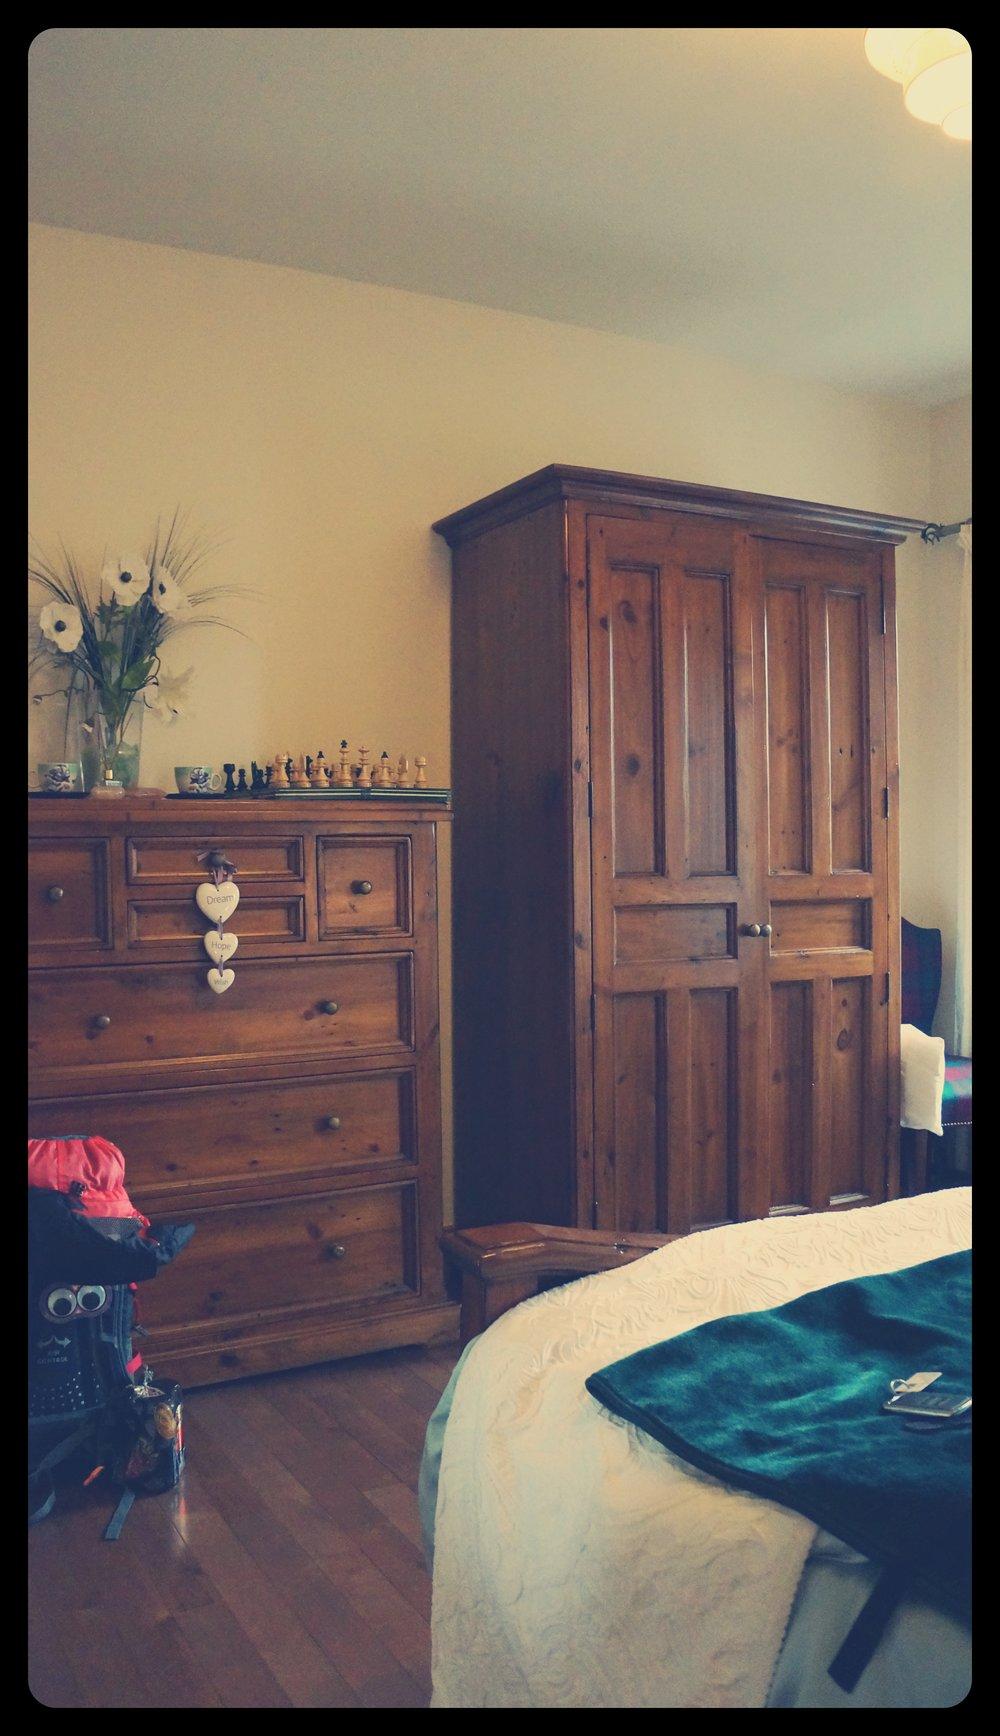 Pokój Deluxe w An Sceal Fada